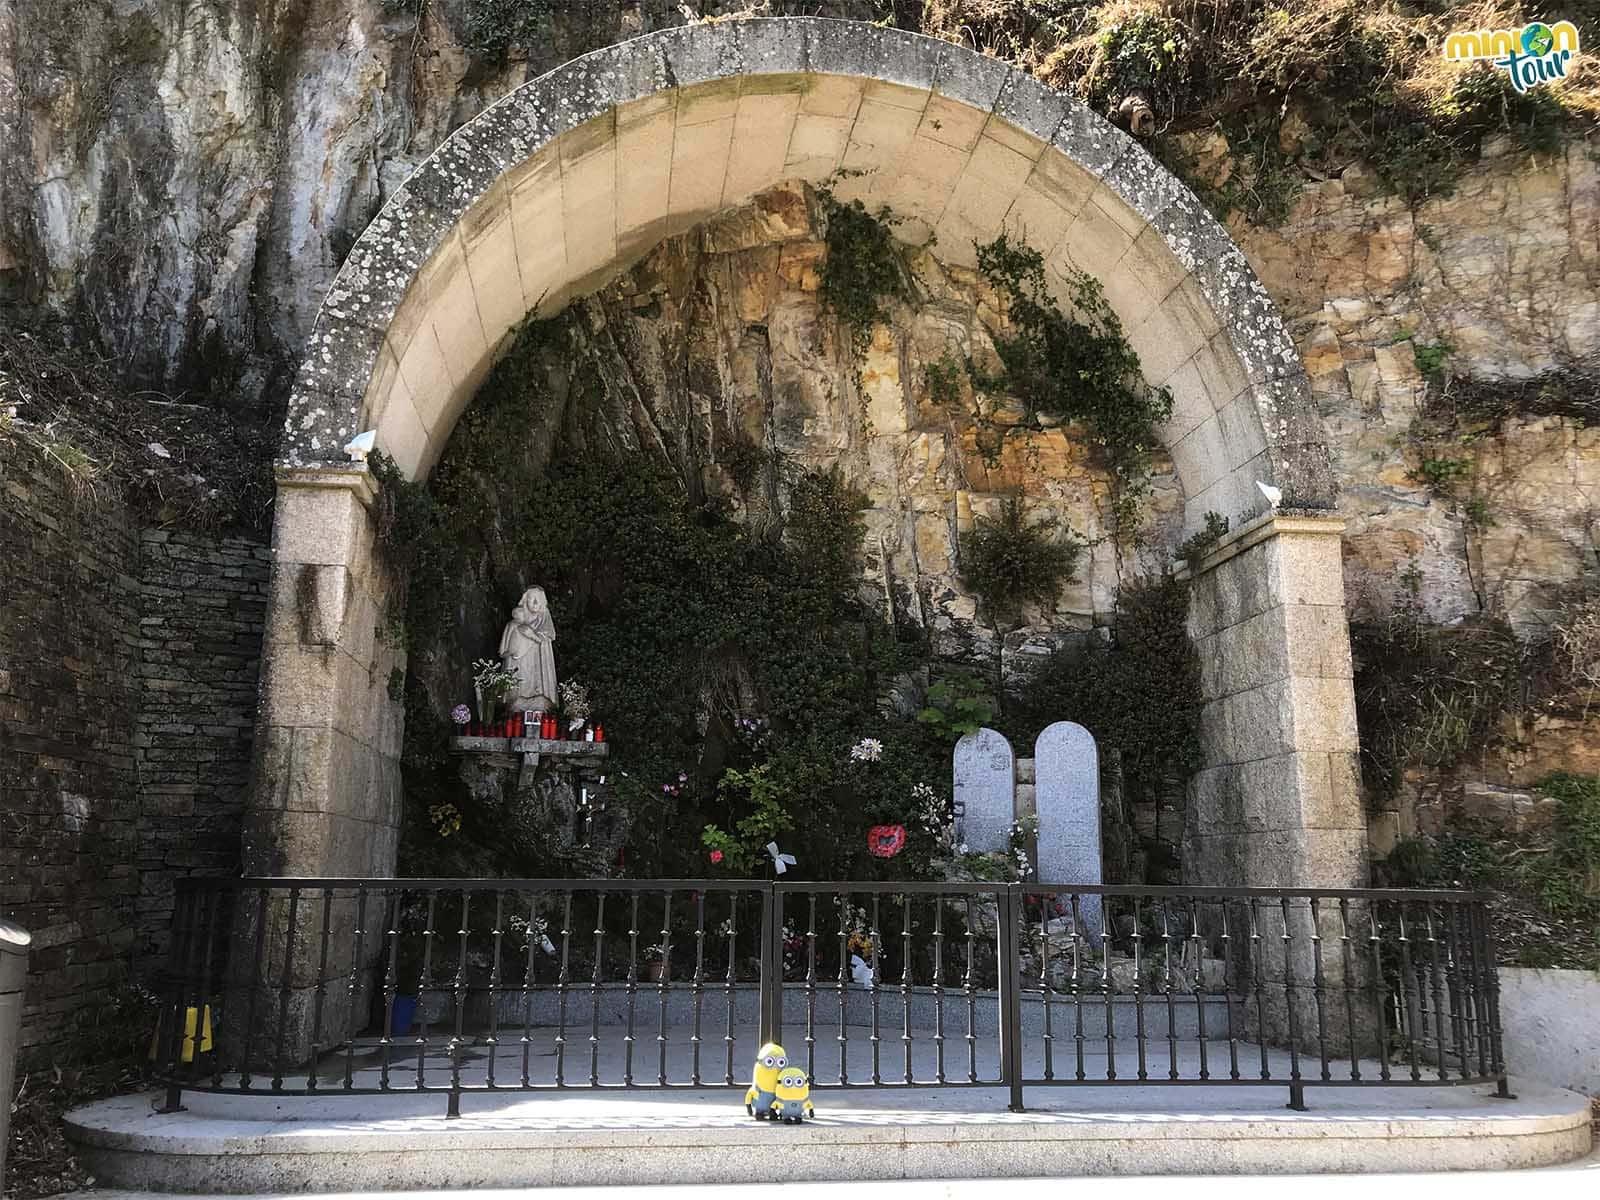 Posando en el Altar de Nuestra Señora de Monserrat